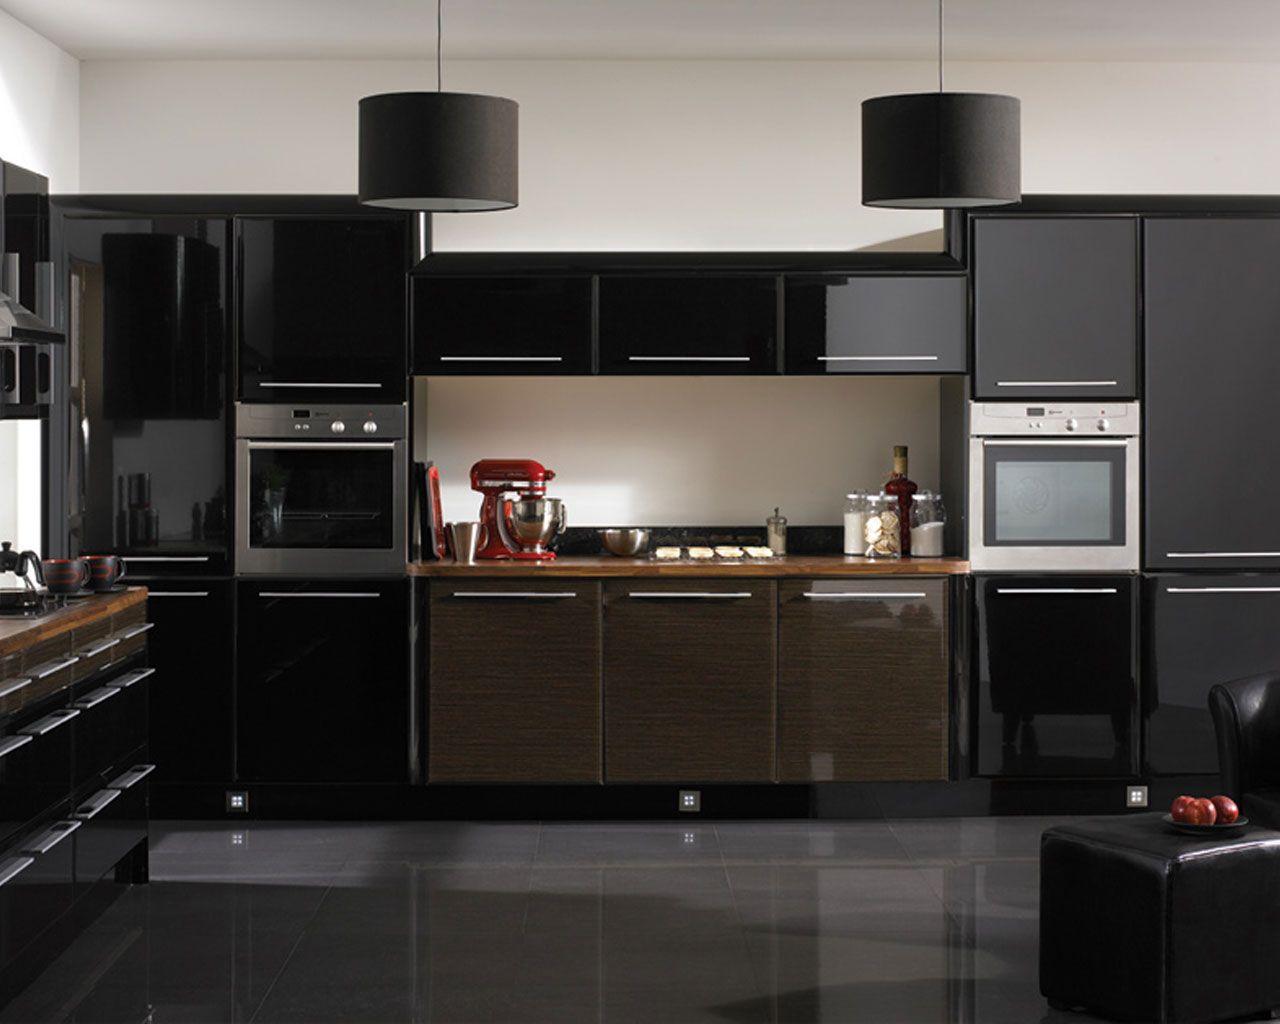 kitchen design black 4 Image Gallery For Website  BOLD BLACK